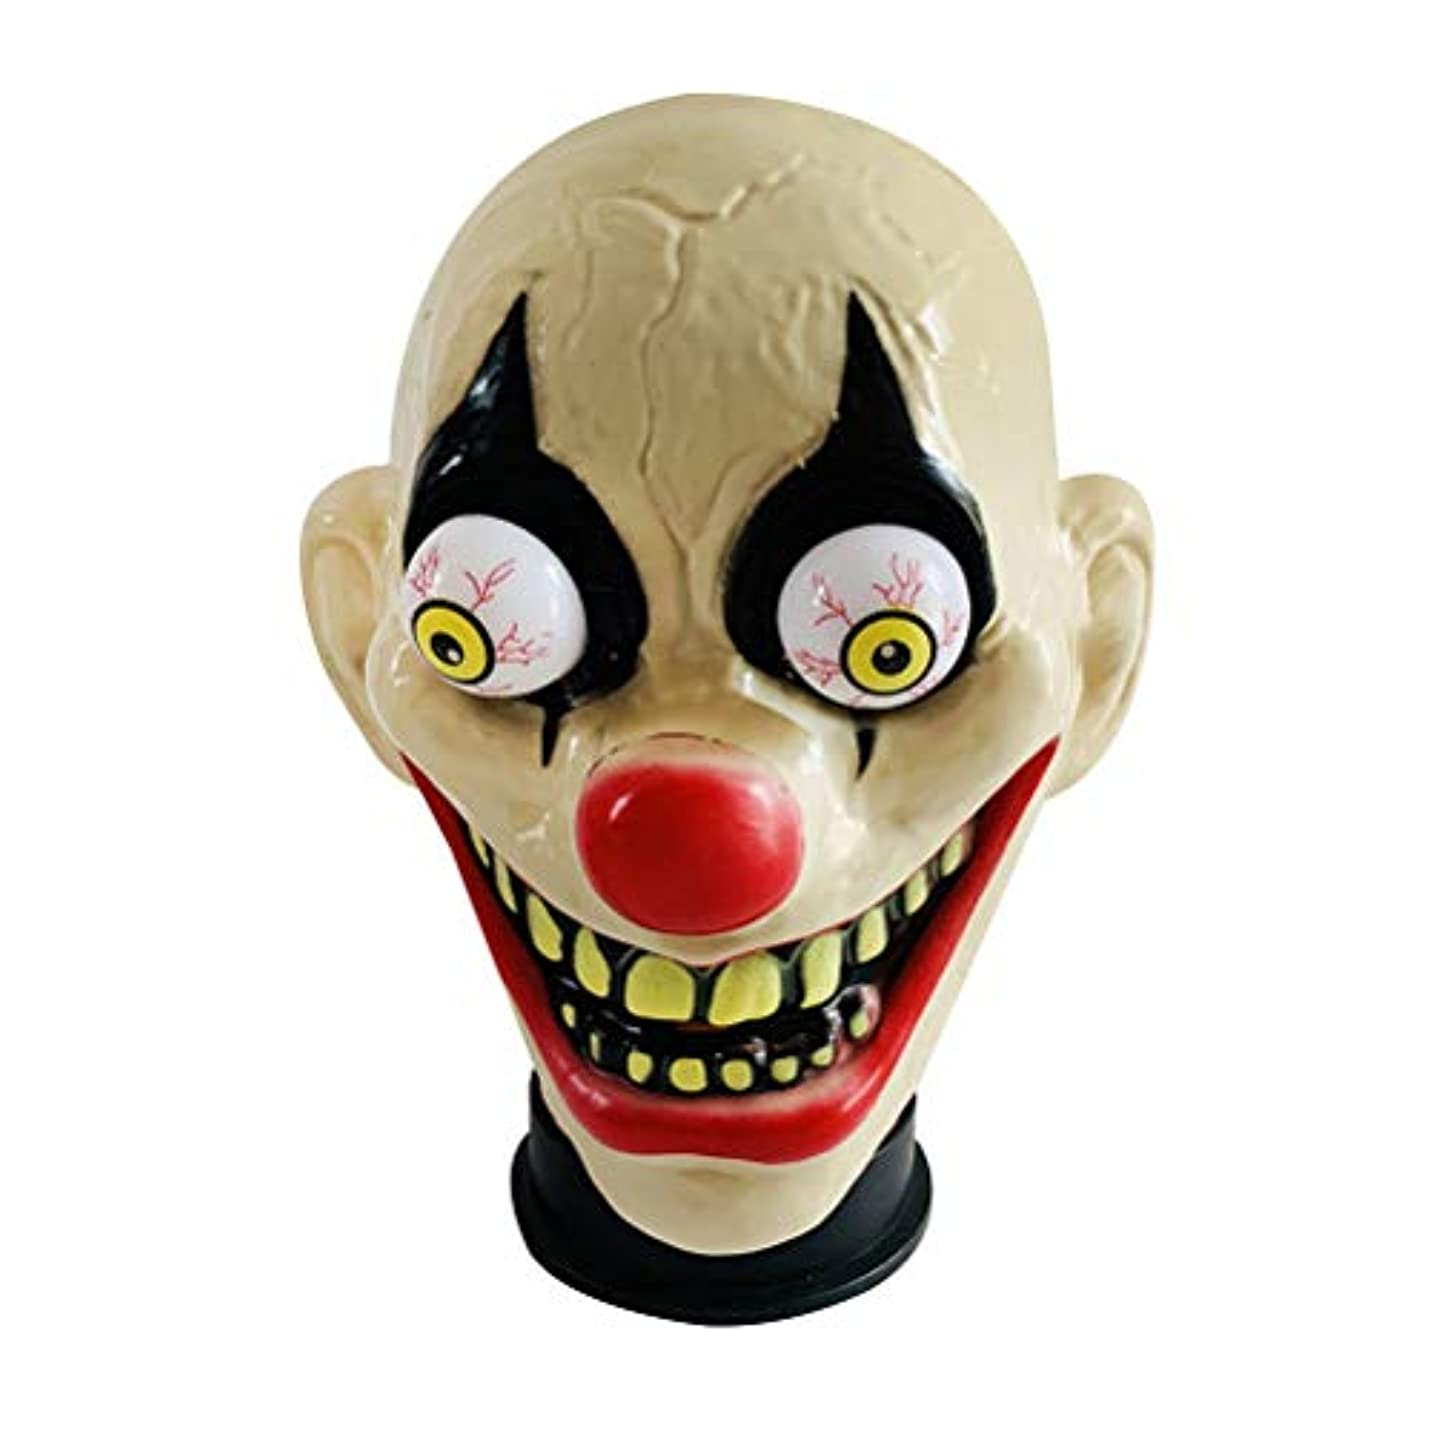 経験的なぞらえる少数BESTOYARD ハロウィーン怖いピエロマスクテロホラーピエロヘッドカバーハロウィンコスプレパーティー用男性用マスク(ピエロタイプ)